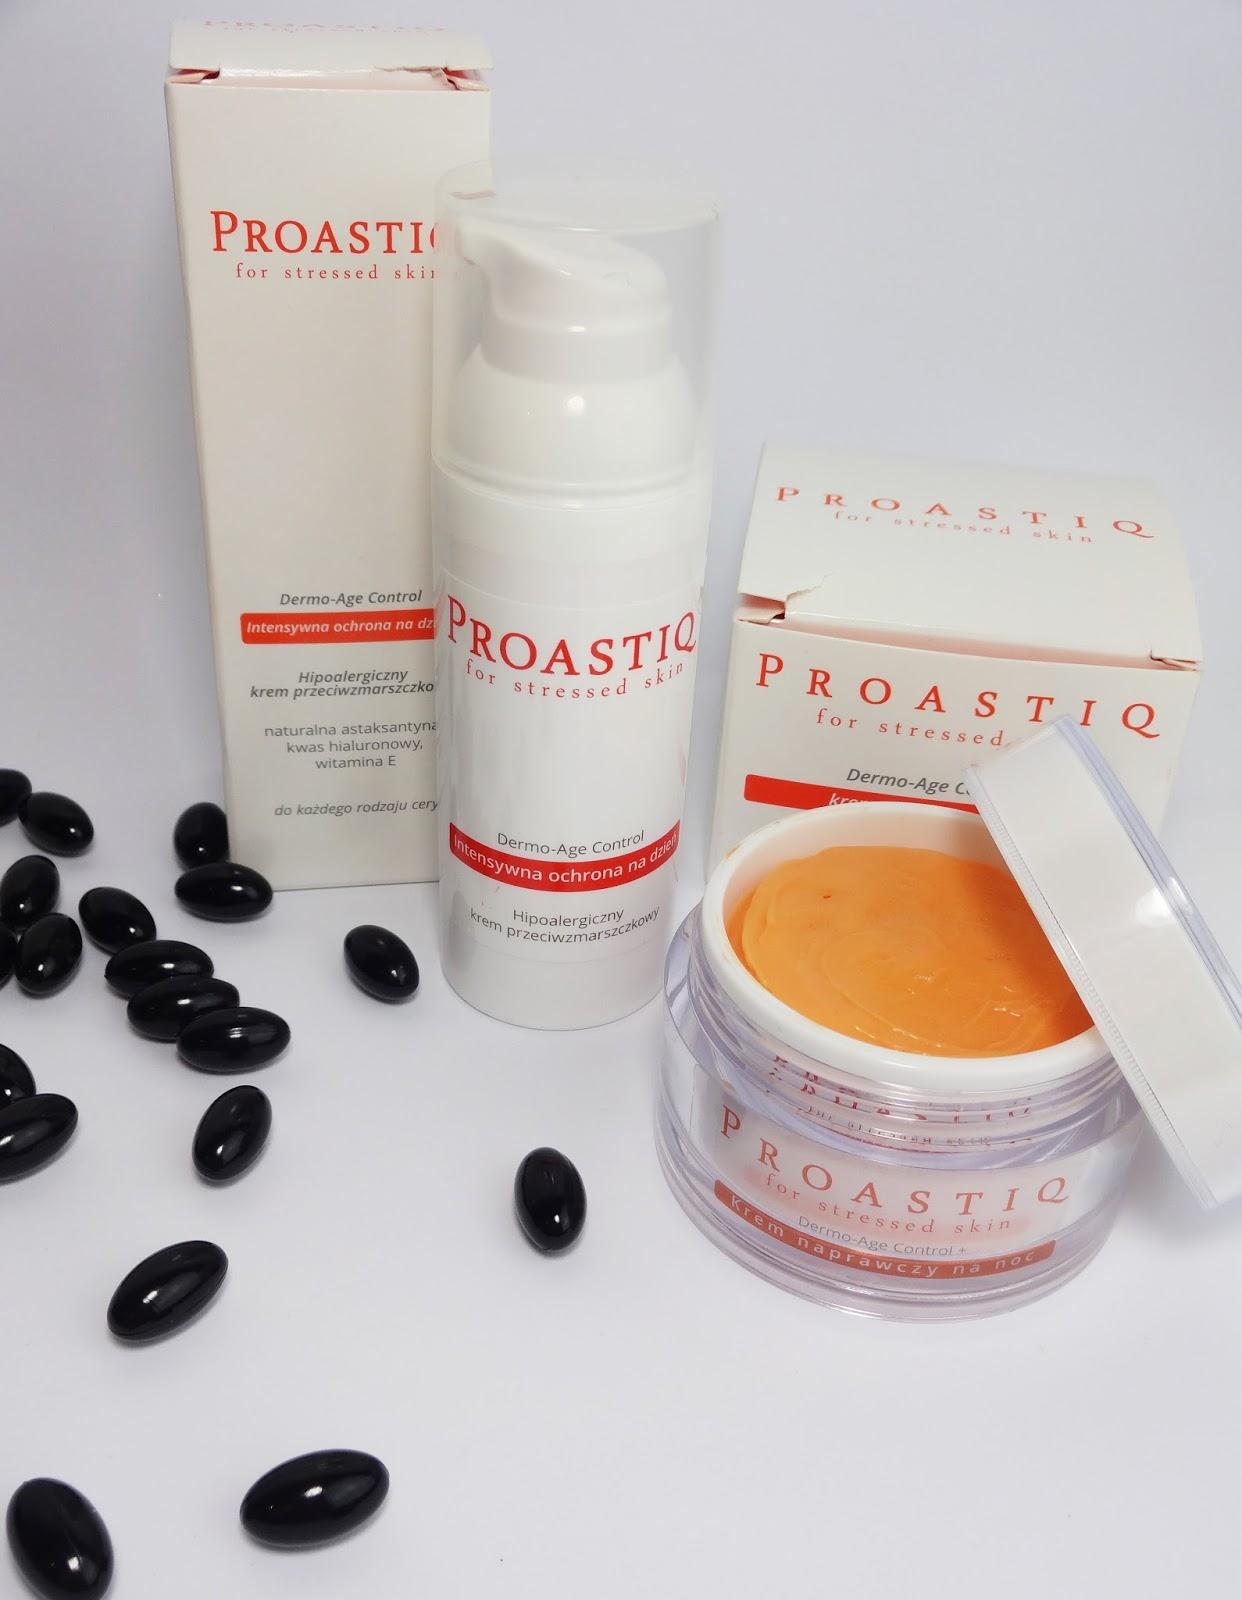 PROASTIQ - Dermo-Age Control Tages- & Nachtcreme (mit Astaxanthin)